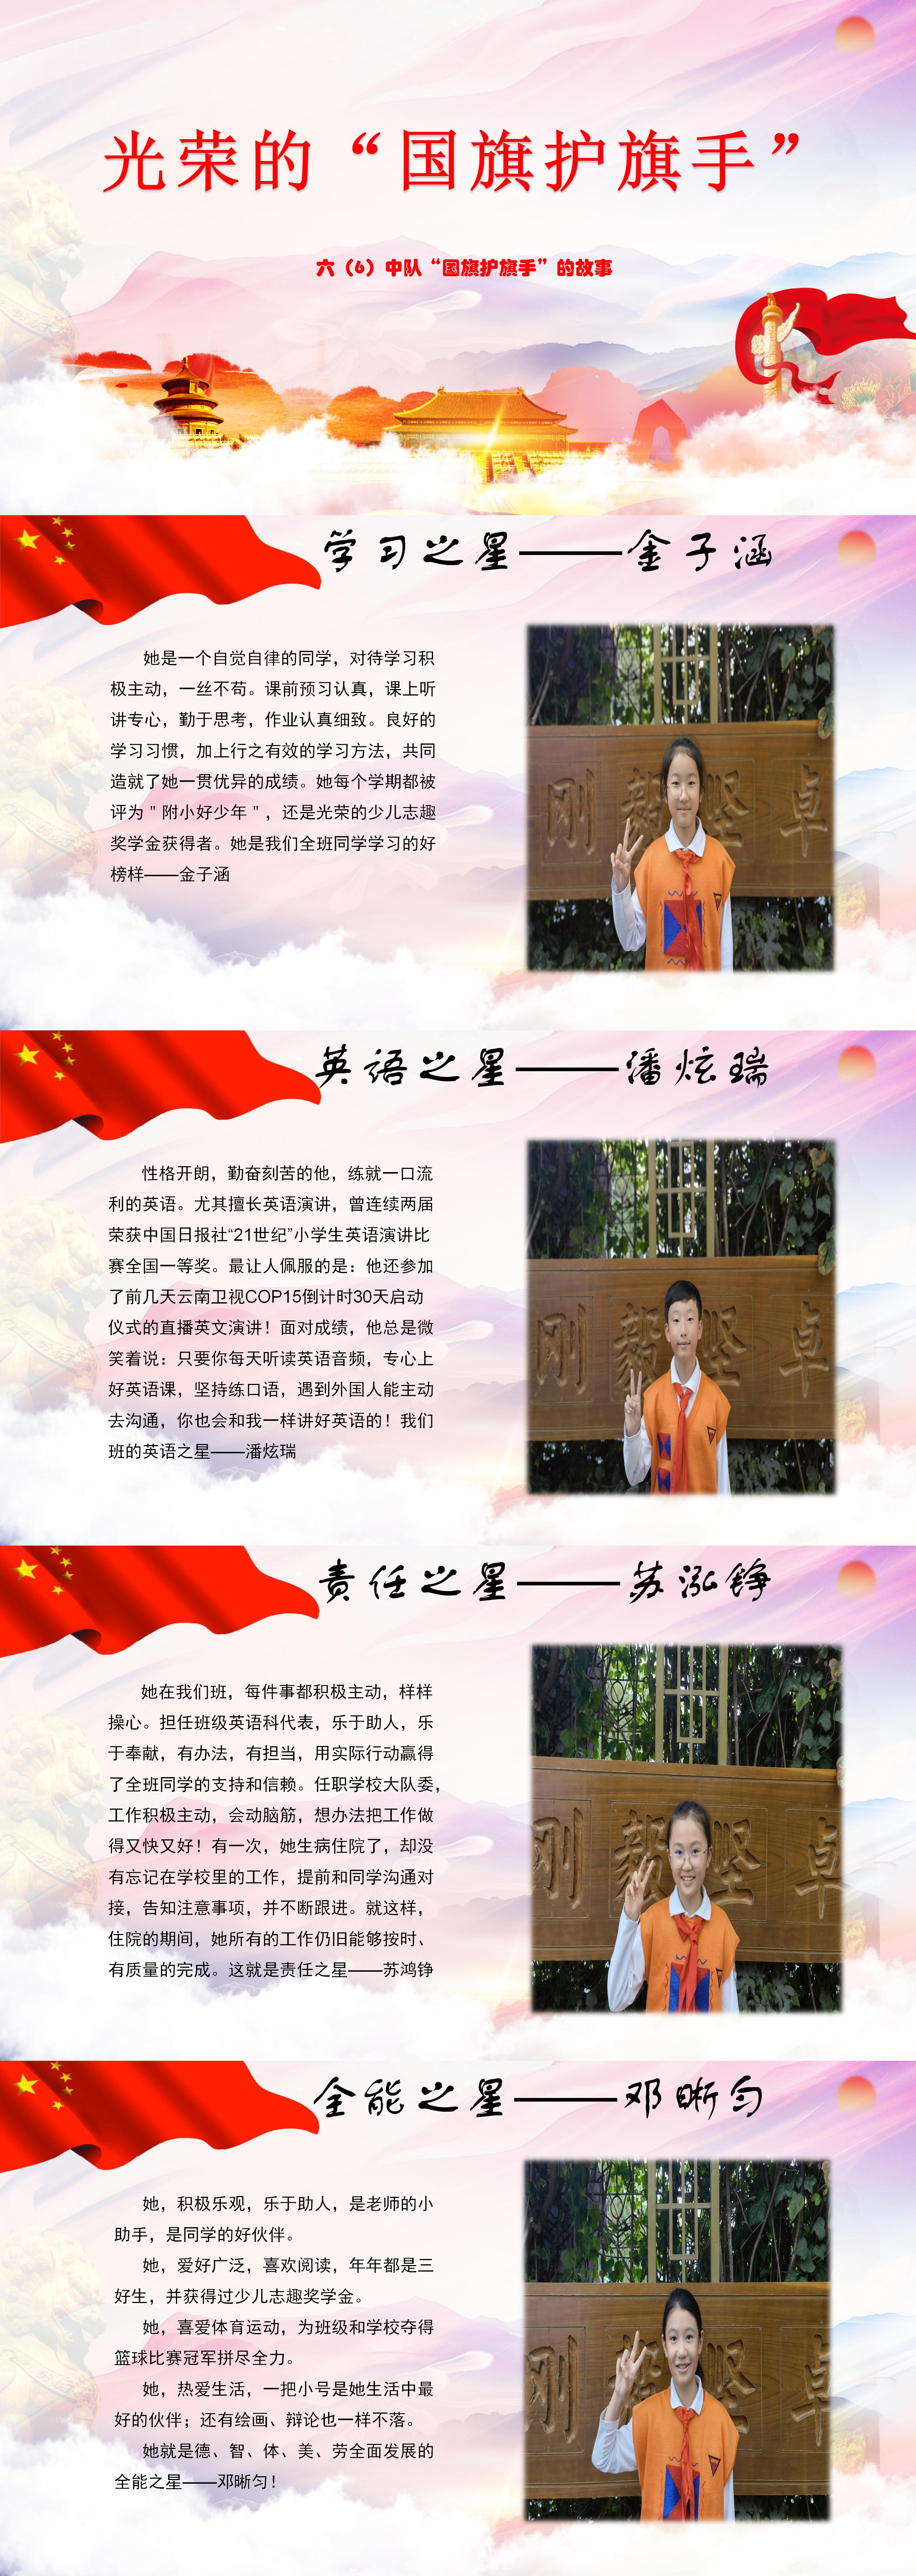 六6班国旗护旗手网站上传_01.png